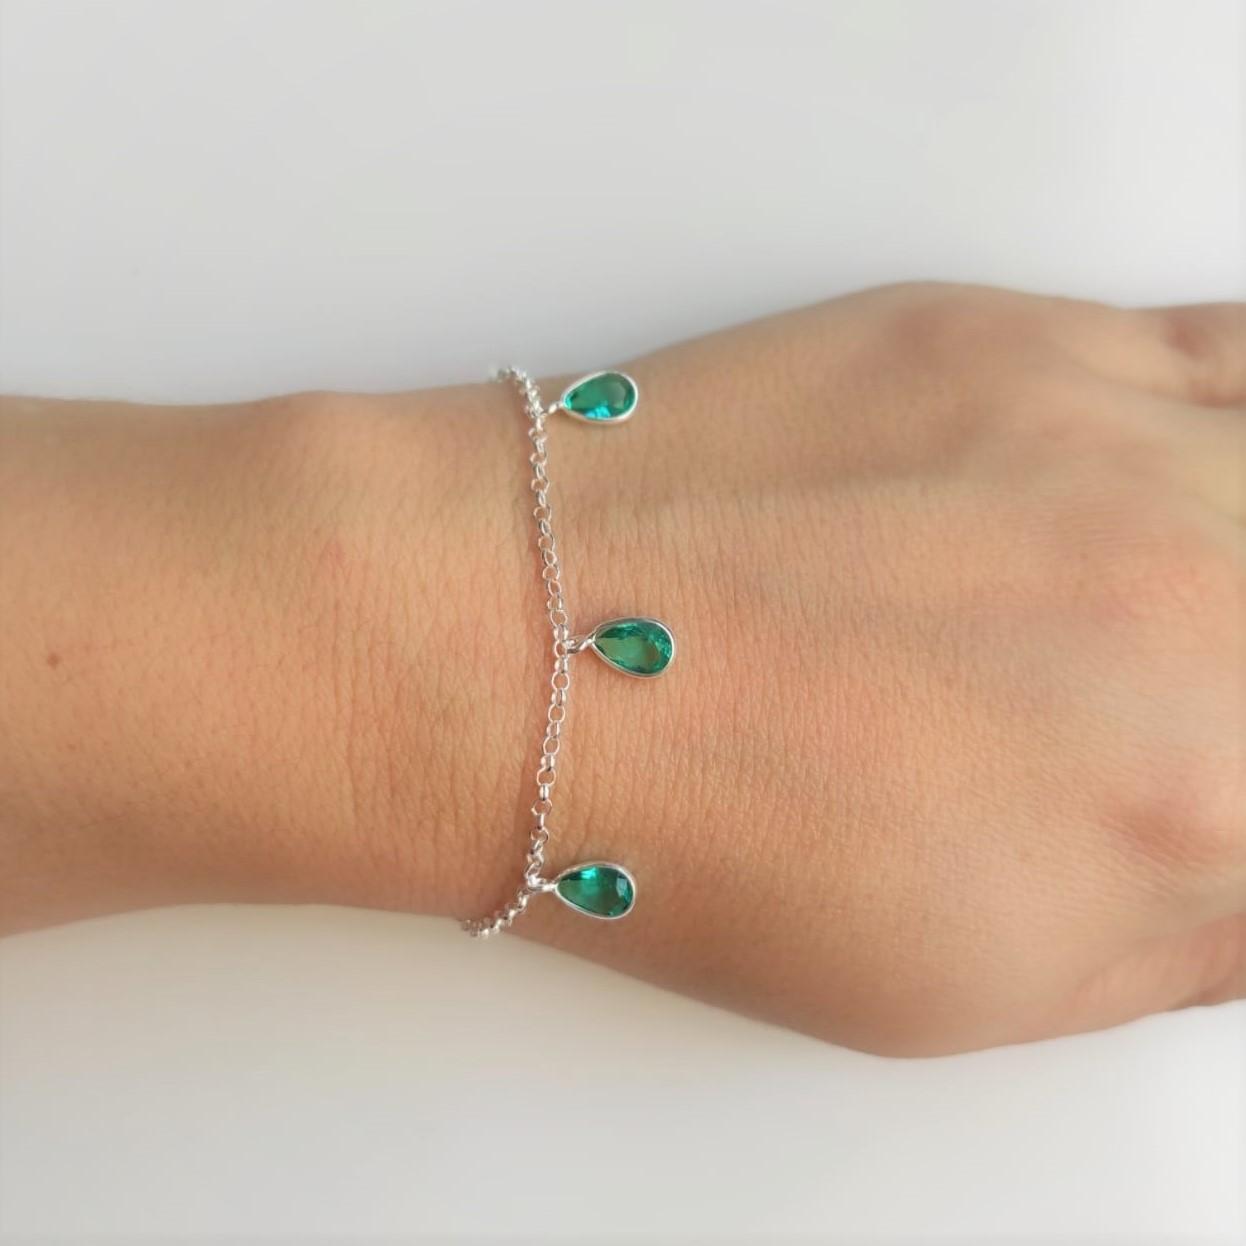 Conjunto Corrente Choker E Pulseira Com Pingentes Gotas Verdes De Prata 925